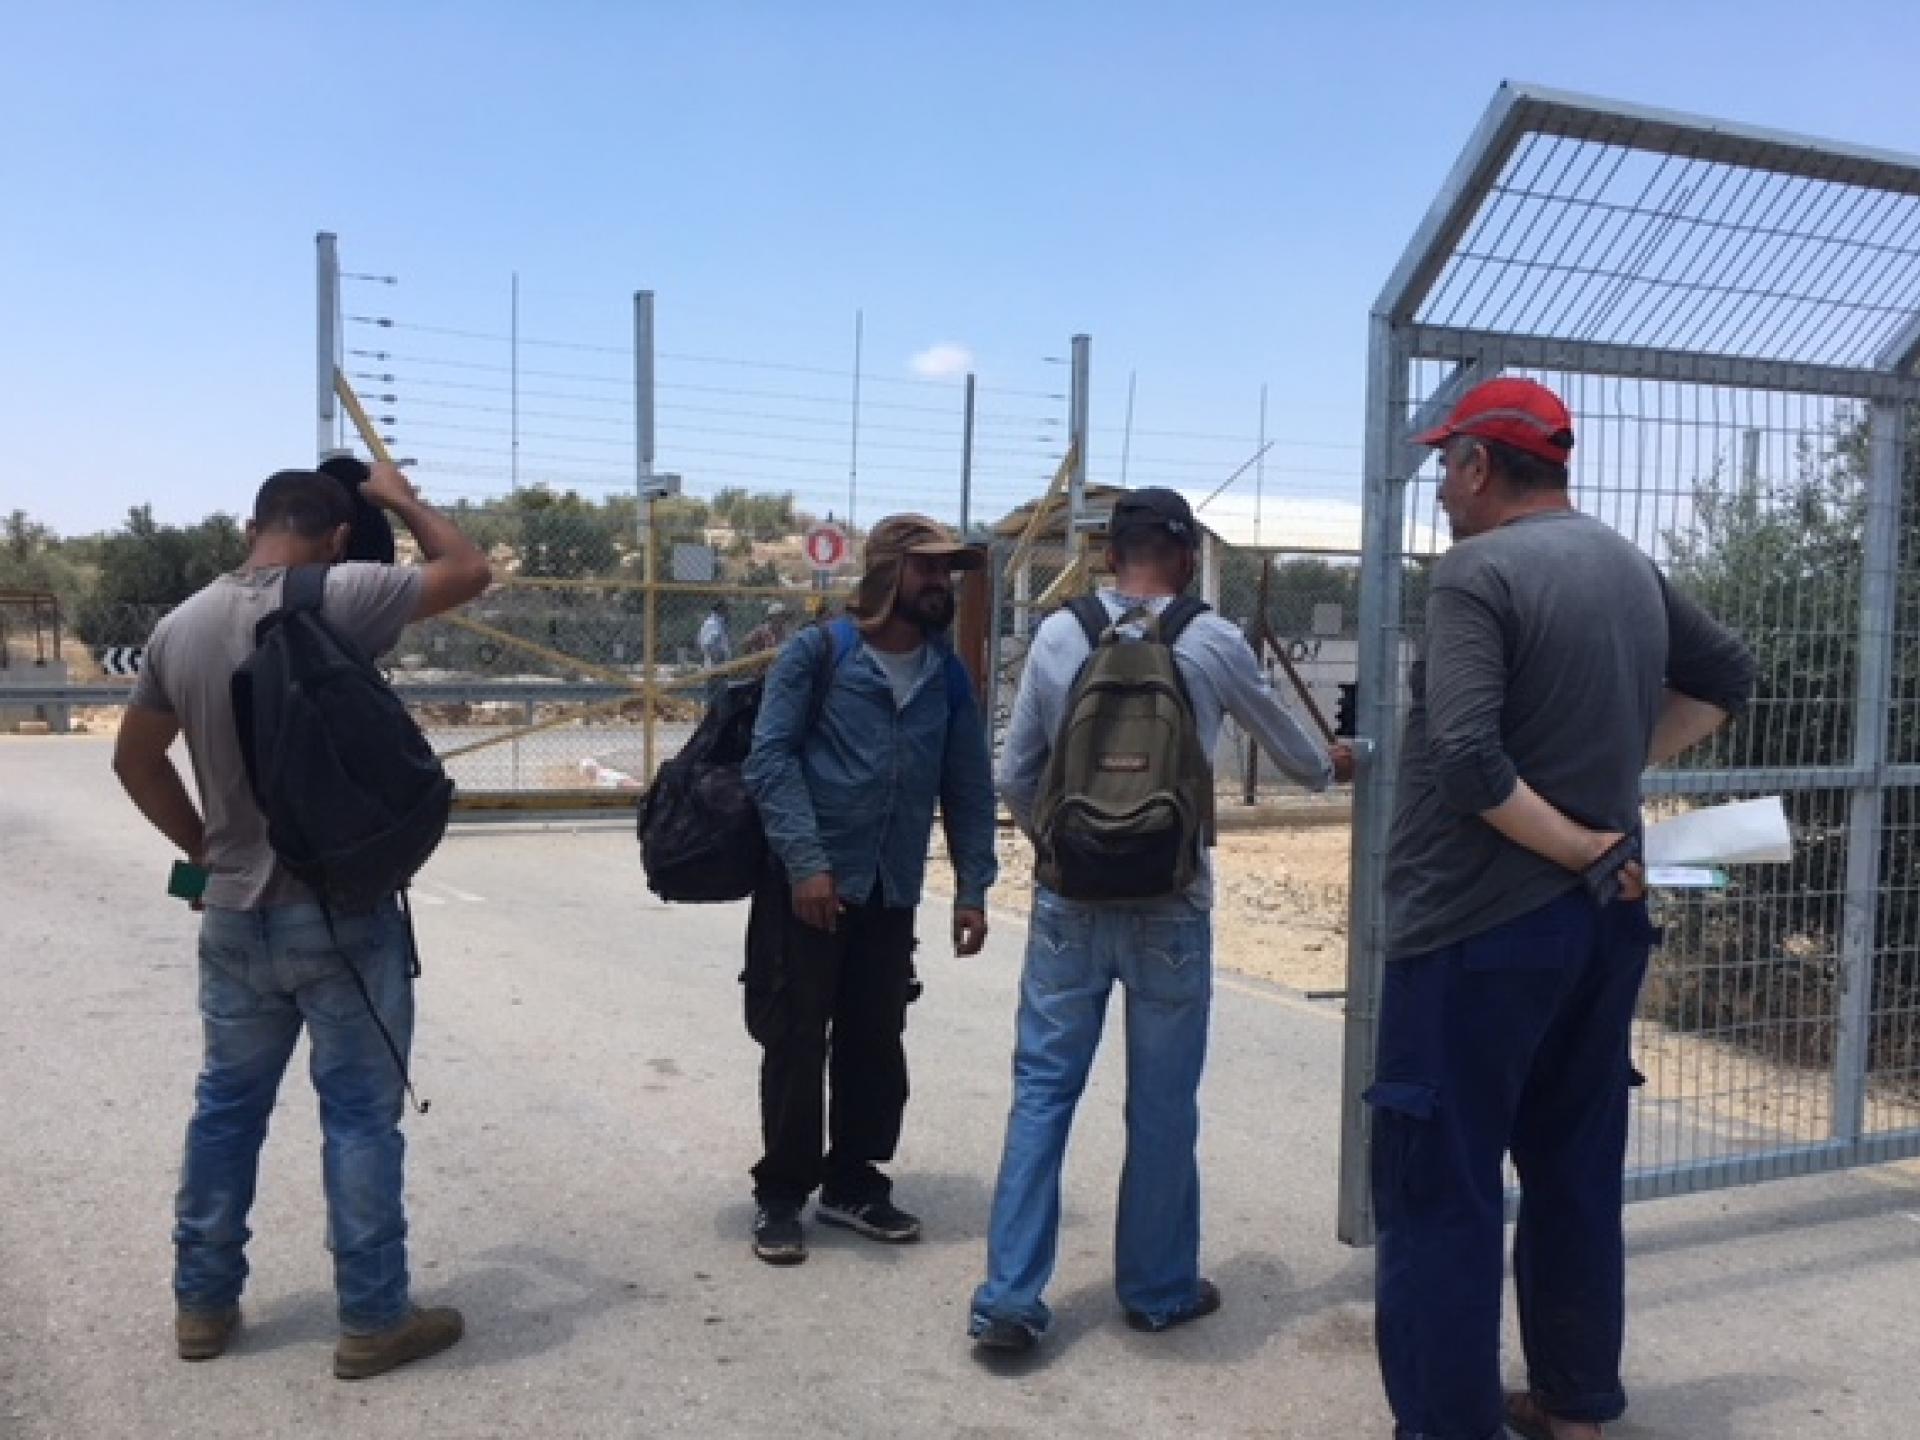 תושבי ערב א-רמדין נפגשים במעבר לכפרם שבמרחב התפר